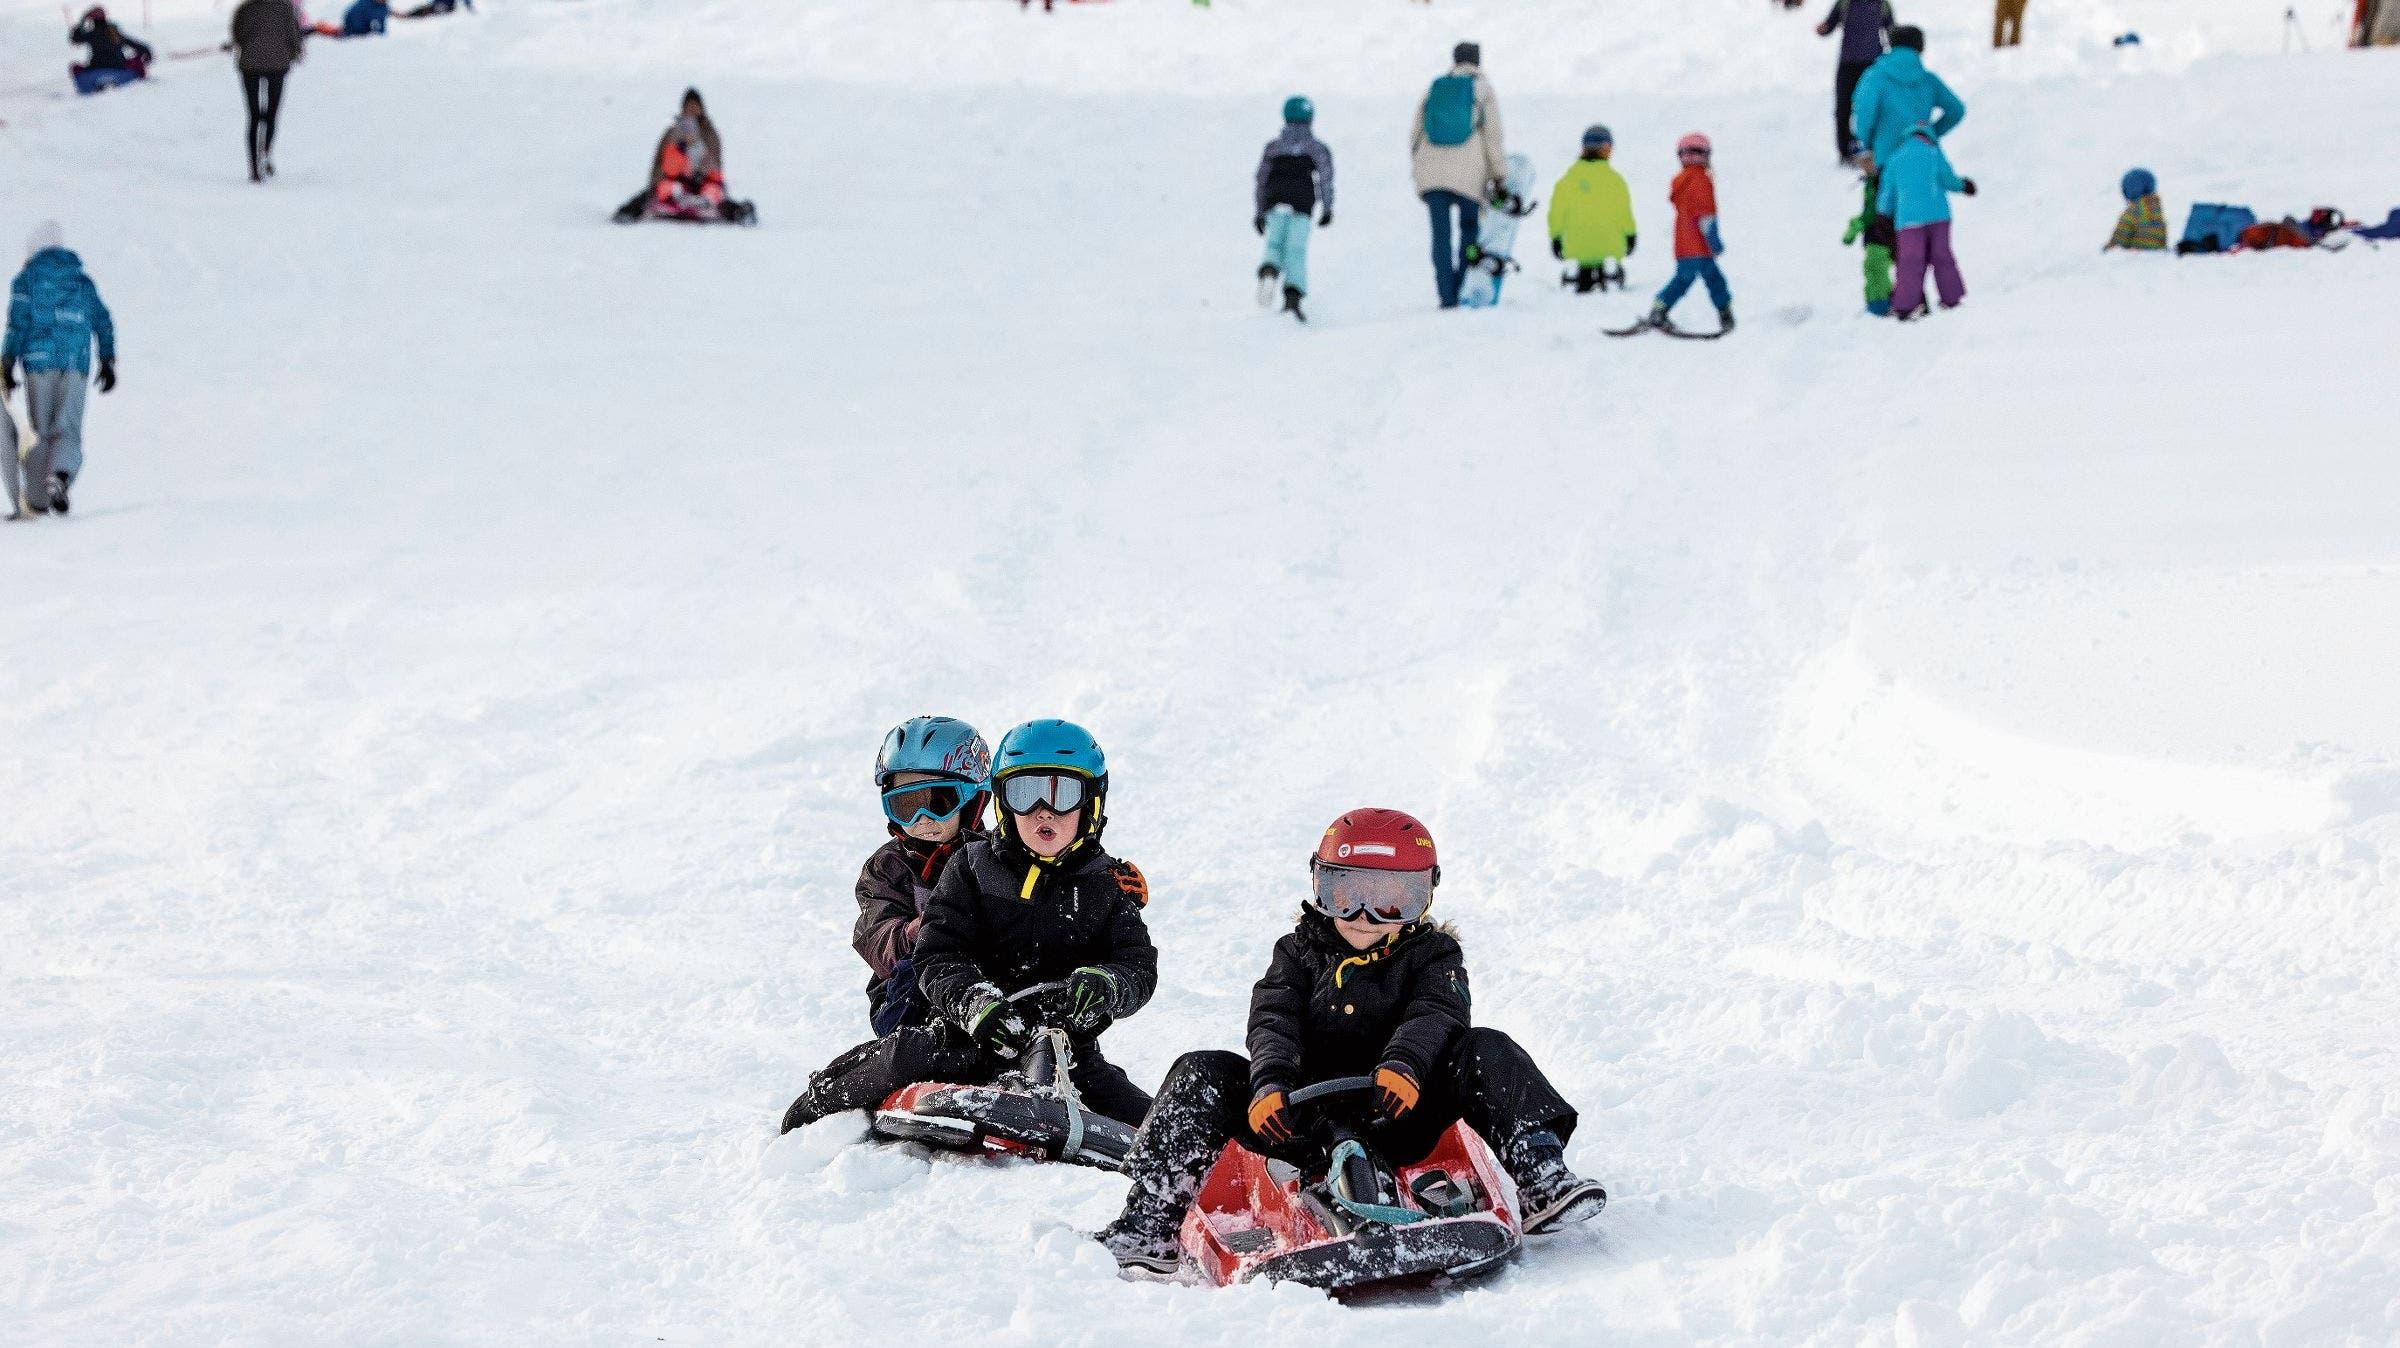 Erstmals in dieser Saison dürfen die Kinder in Villigen auf die Piste. Es folgen weitere Bilder aus dem Winterwunderland.